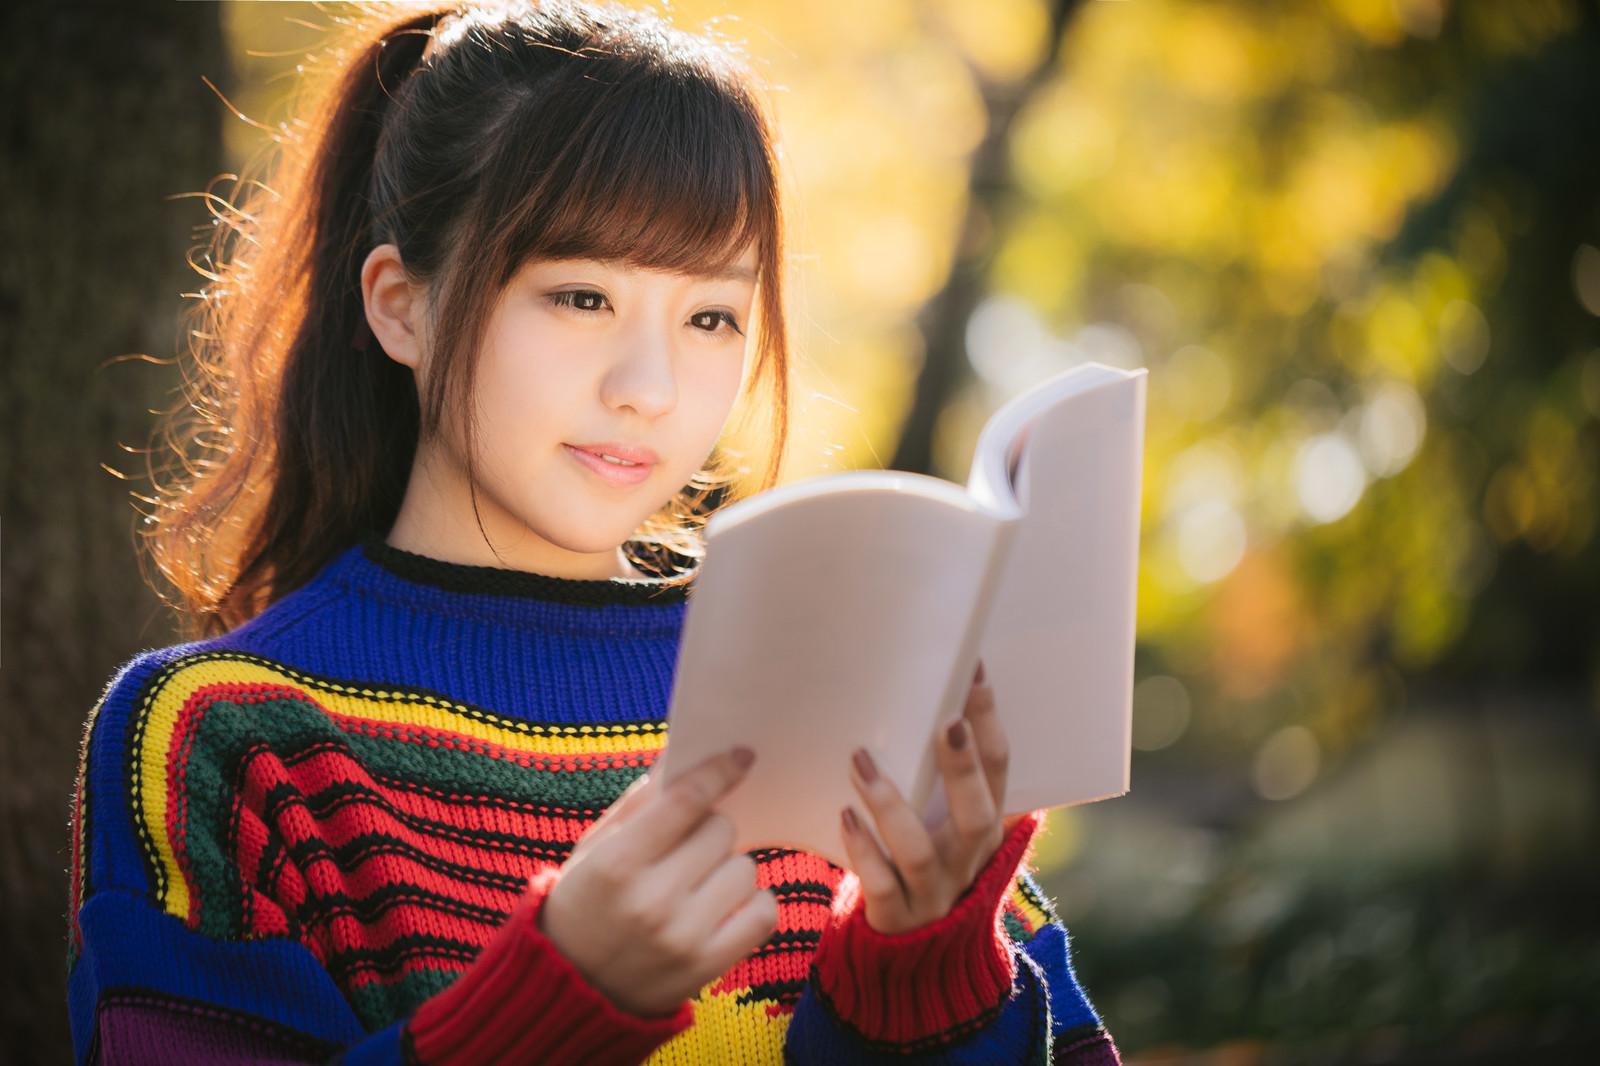 【2016年版】読んでよかった本・マンガまとめて21冊ご紹介!